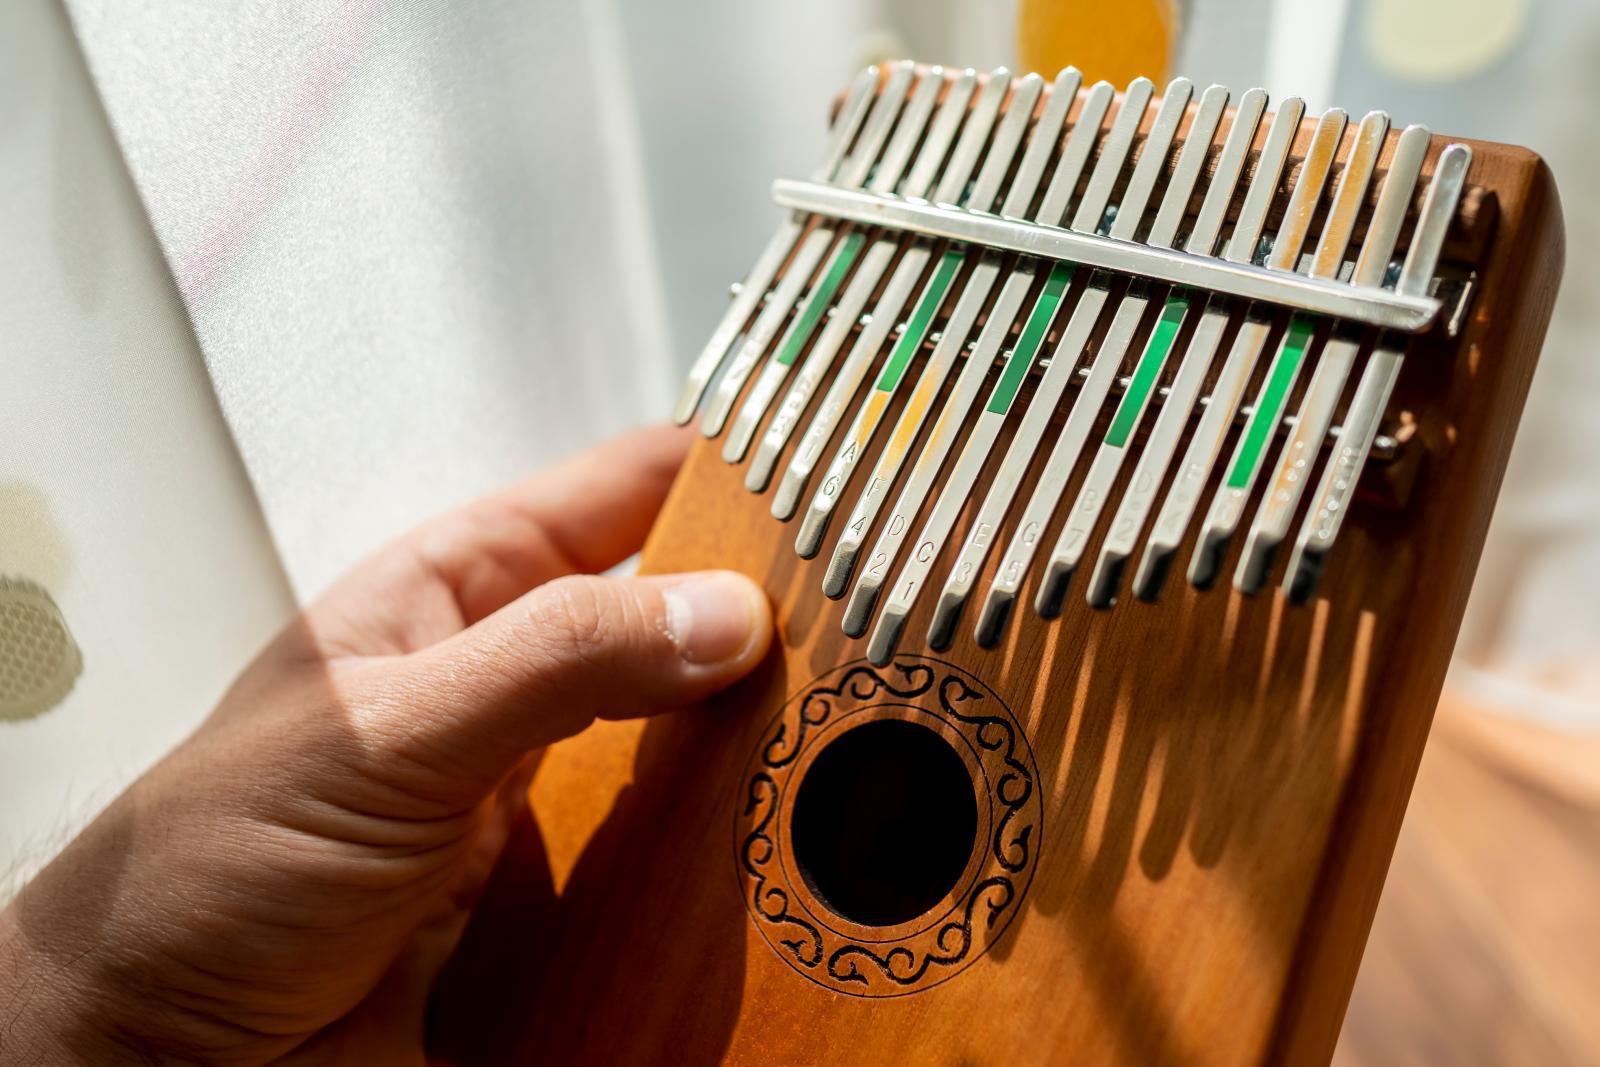 """""""คาลิมบา"""" เครื่องดนตรีสัญชาติซิมบับเว กิจกรรมคลายเหงาช่วงโควิด-19"""